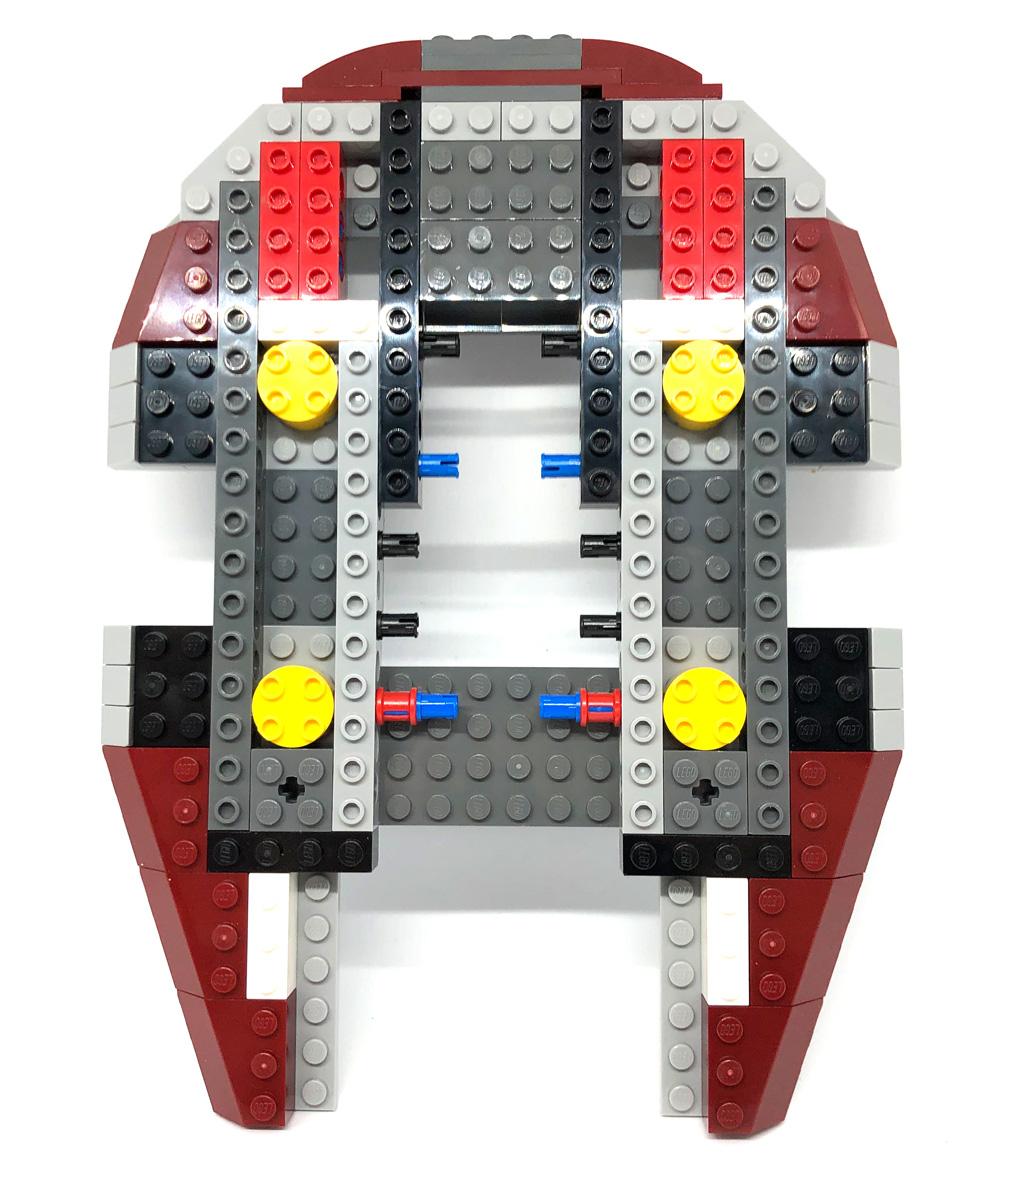 lego-star-wars-slave-i-20-jahre-75243-zusammenbau-1-2019-zusammengebaut-matthias-kuhnt zusammengebaut.com